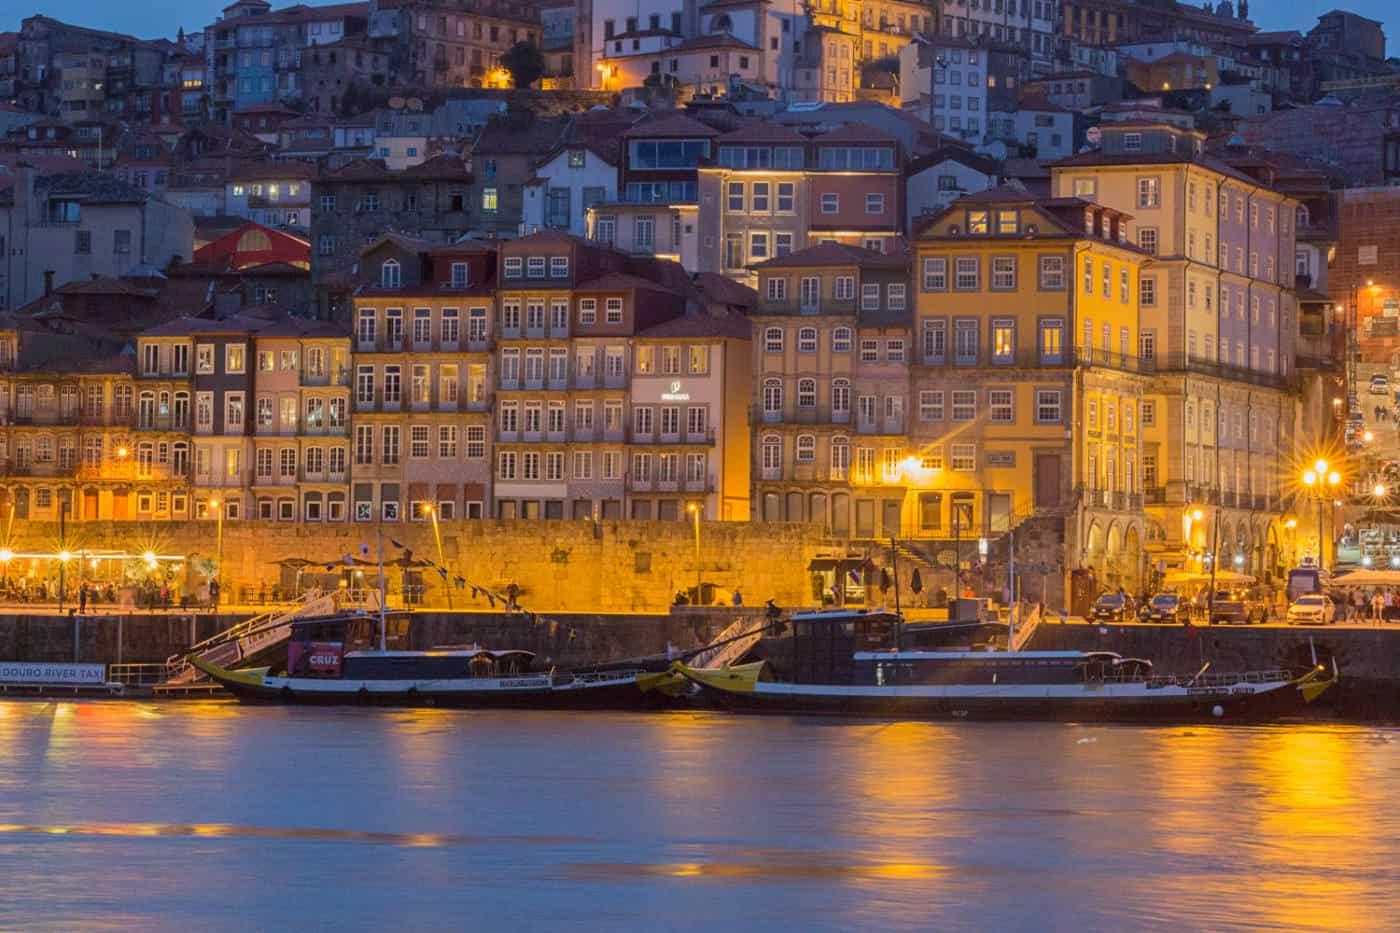 Boats in Porto Portugal